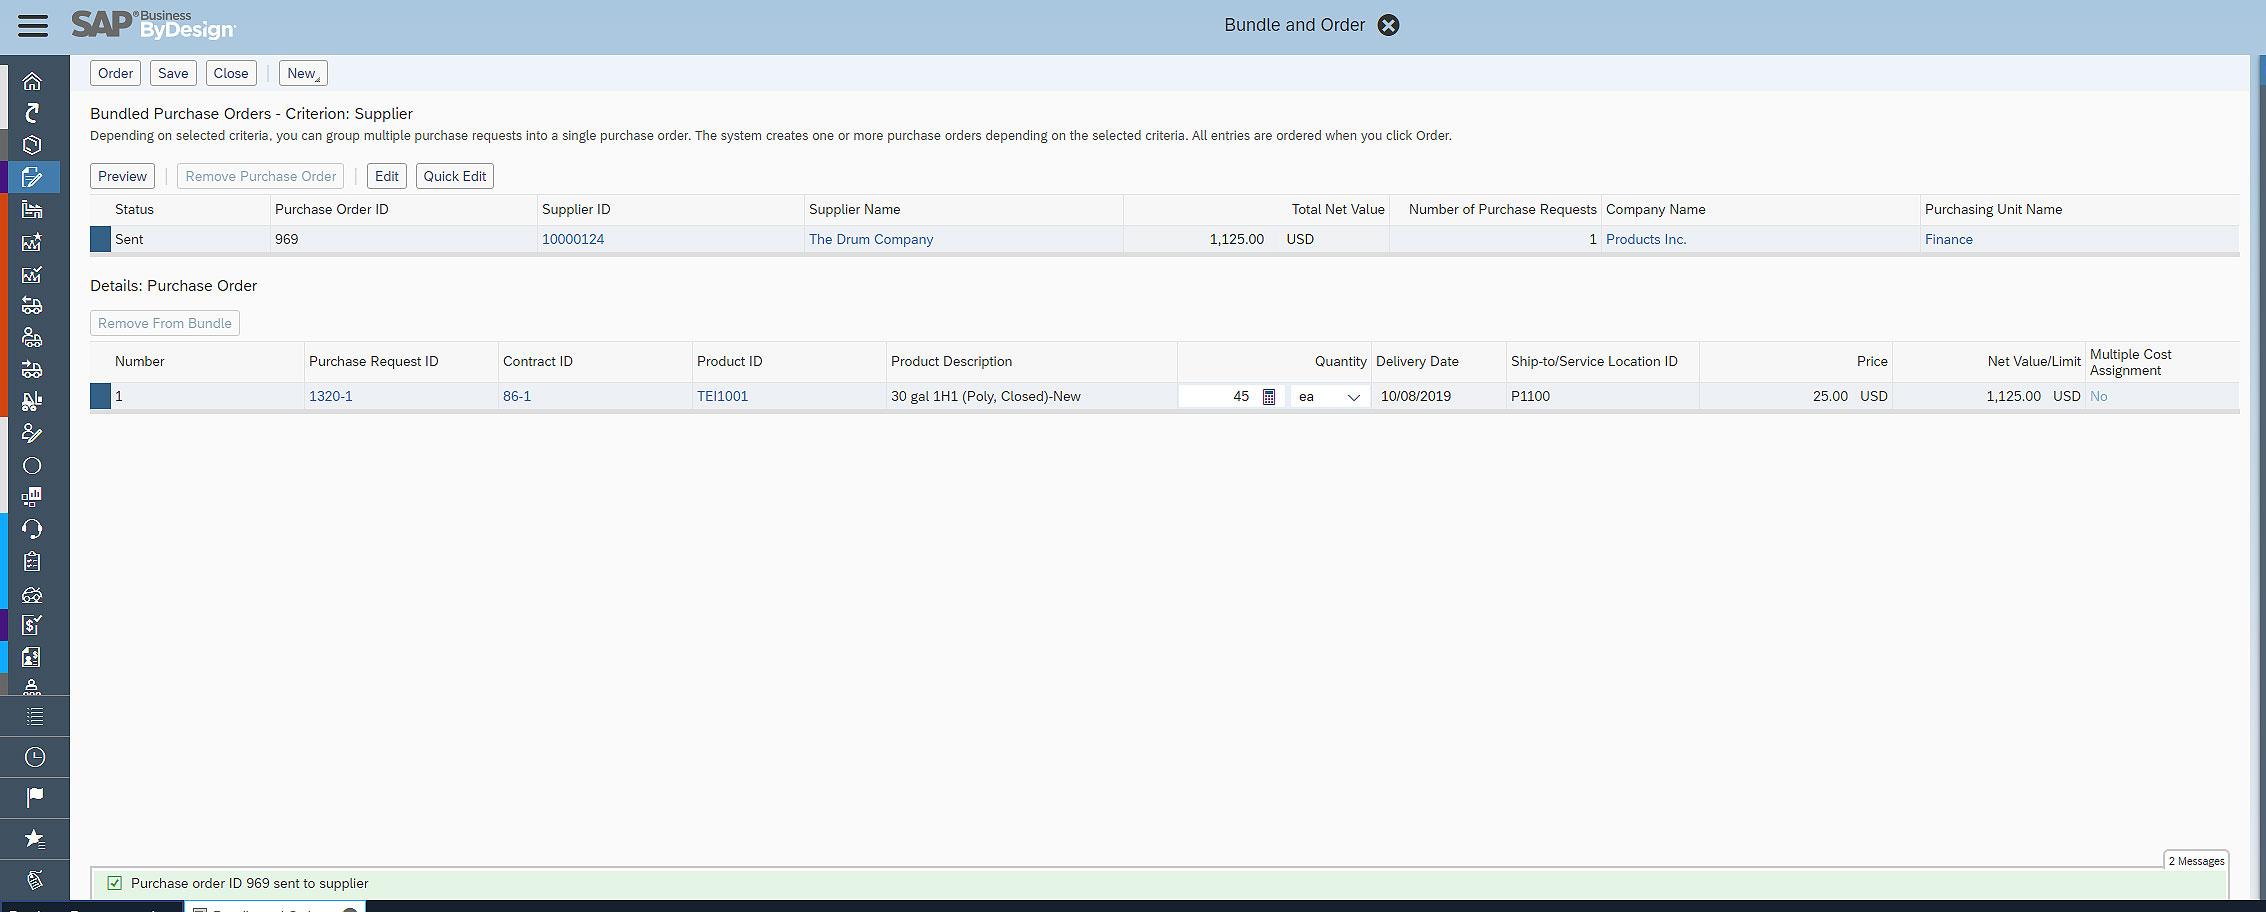 SAP Business ByDesign Bundling Orders